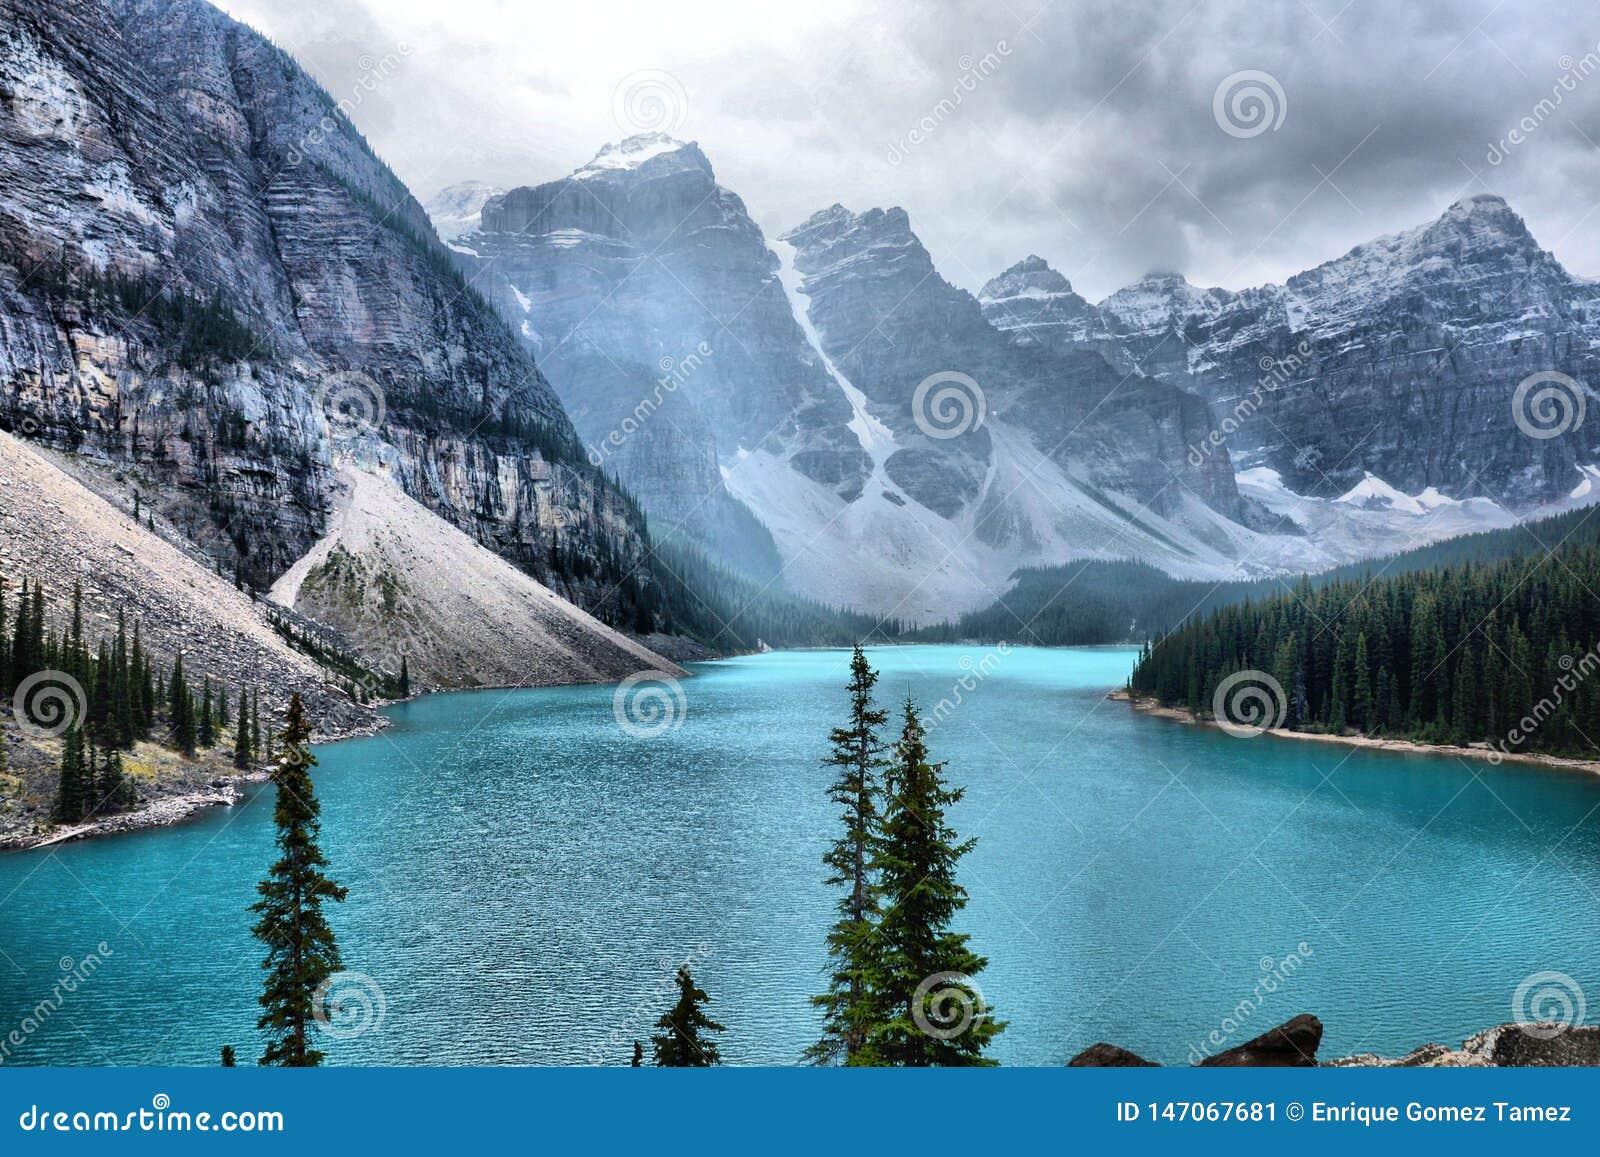 Moraine Lake Banff National Park Stock Image Image Of